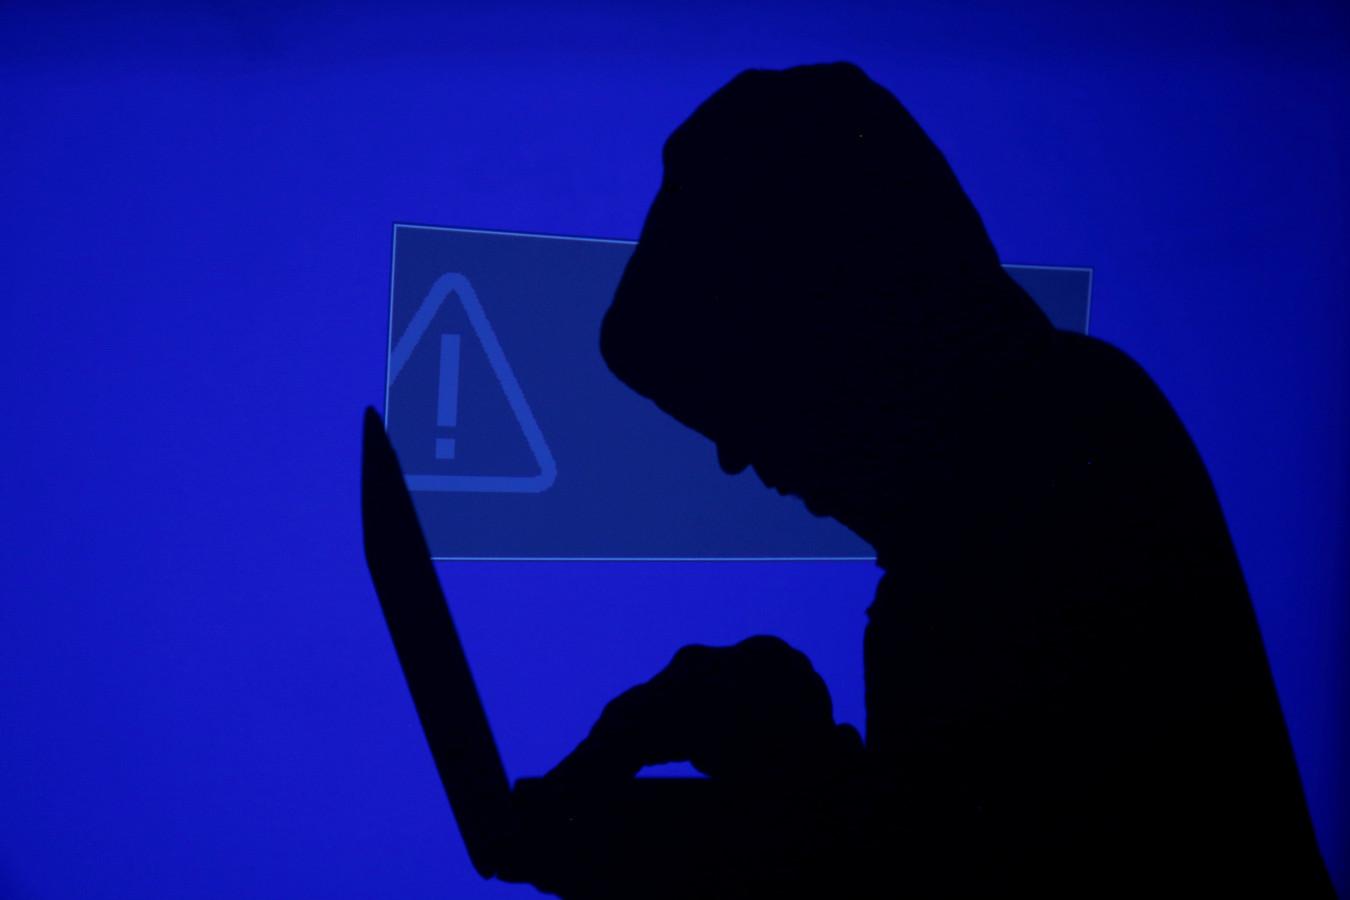 De beruchte cybercriminelen van de groep REvil waren de Nederlandse experts van het Dutch Institute for Vulnerability Disclosure afgelopen vrijdag net te vlug af.